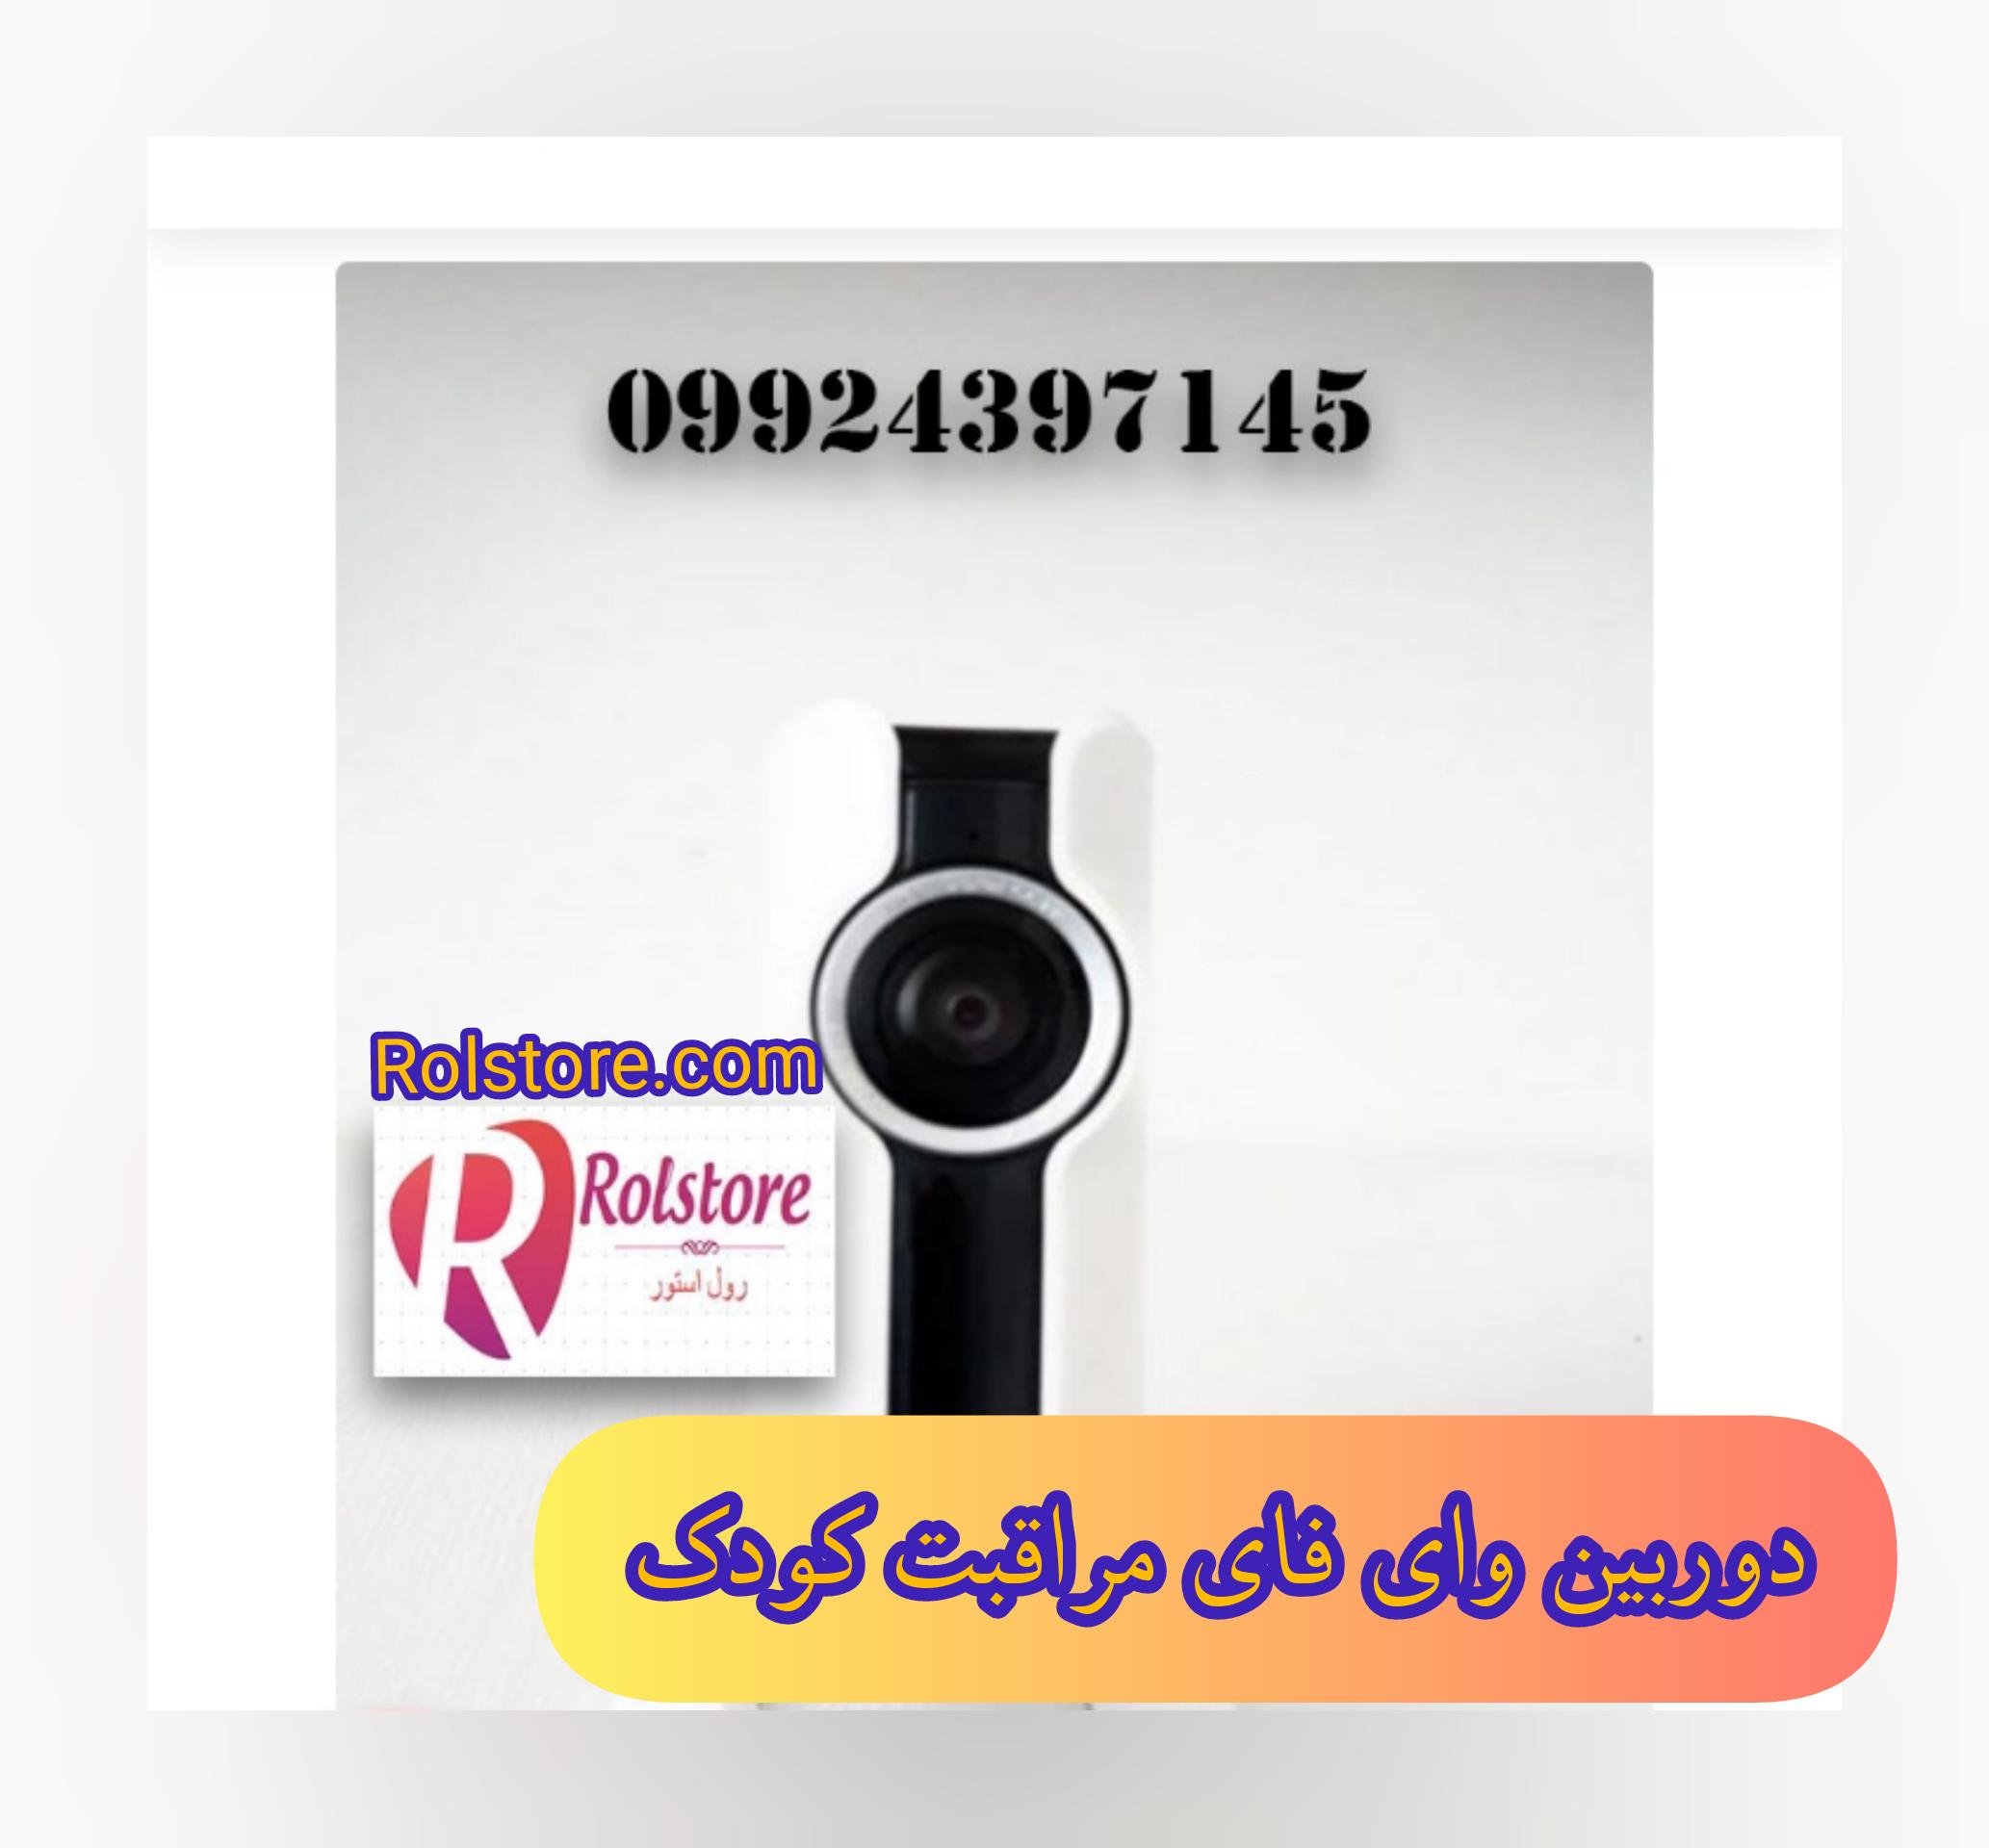 دوربین مراقبت کودک/۰۹۹۲۴۳۹۷۱۴۵/دوربین wifi مراقبت کودکSP01